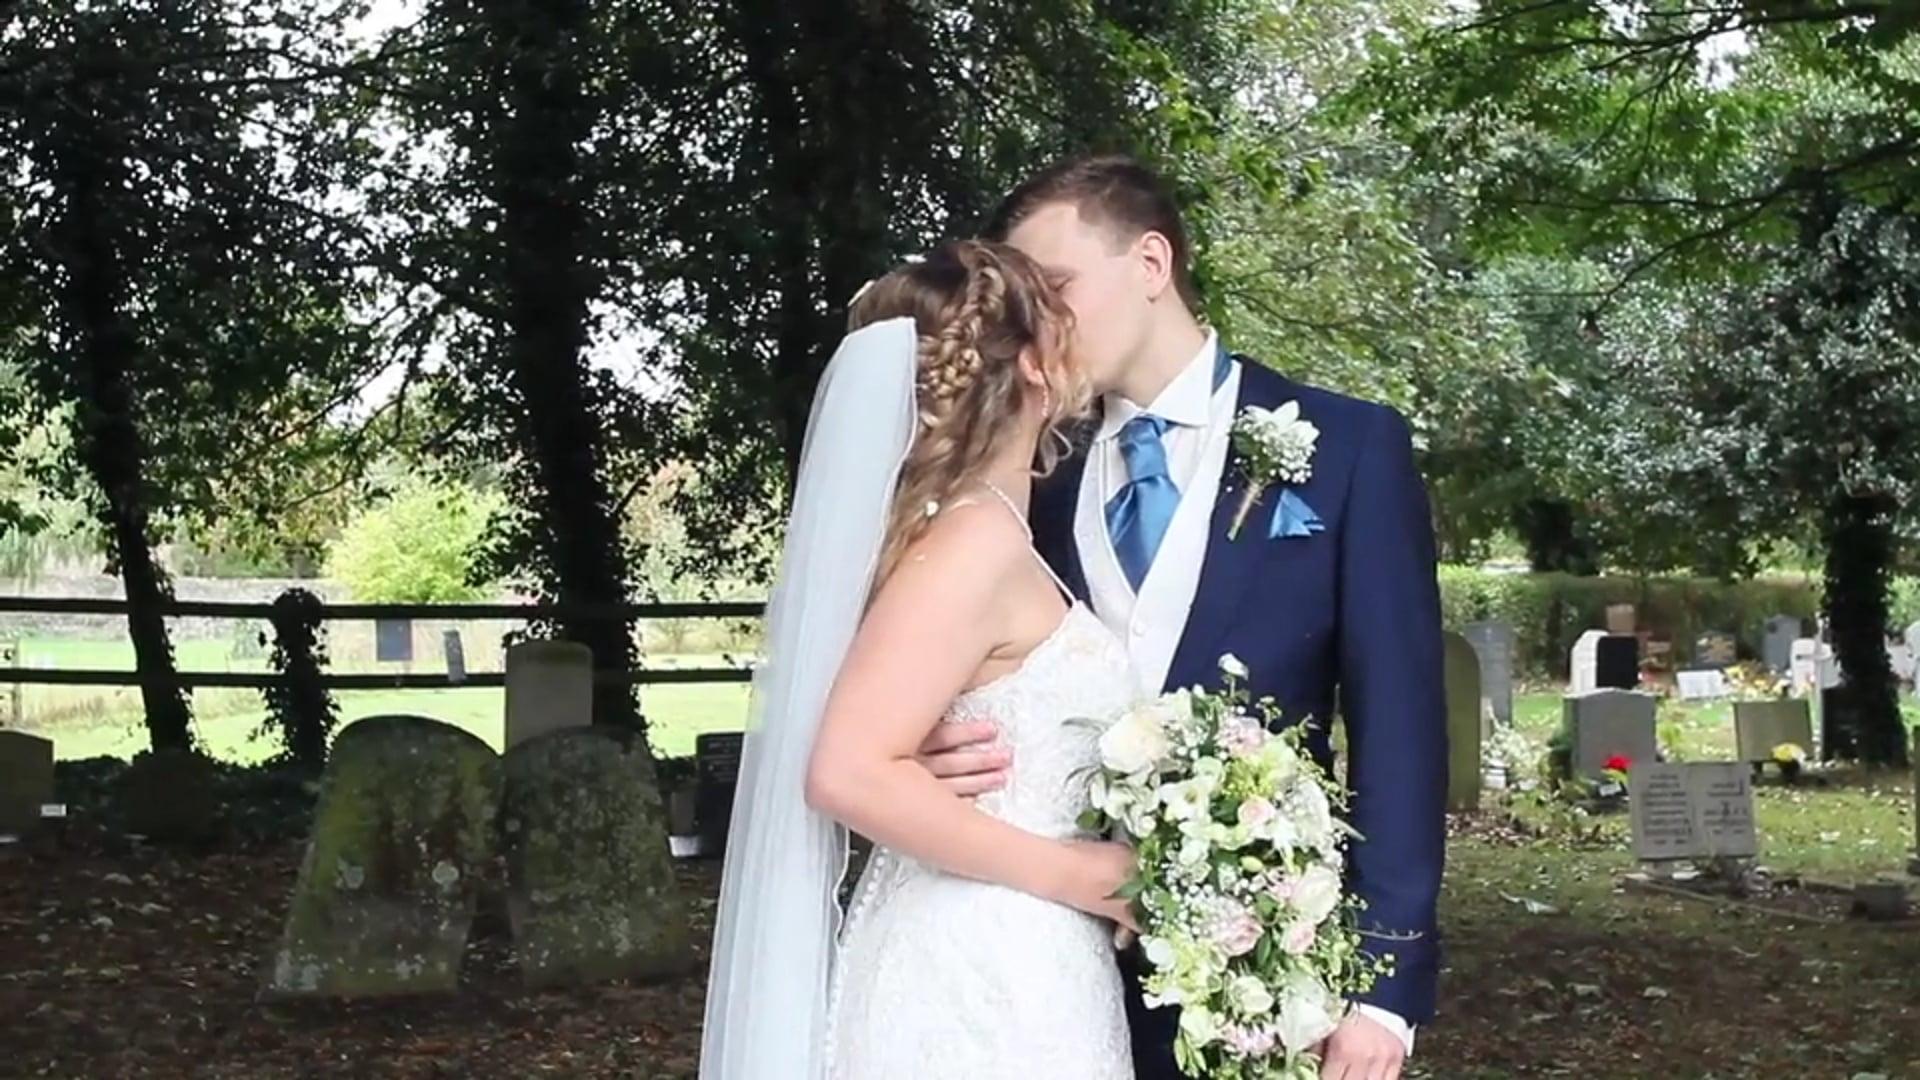 Chris & Em's Wedding Film